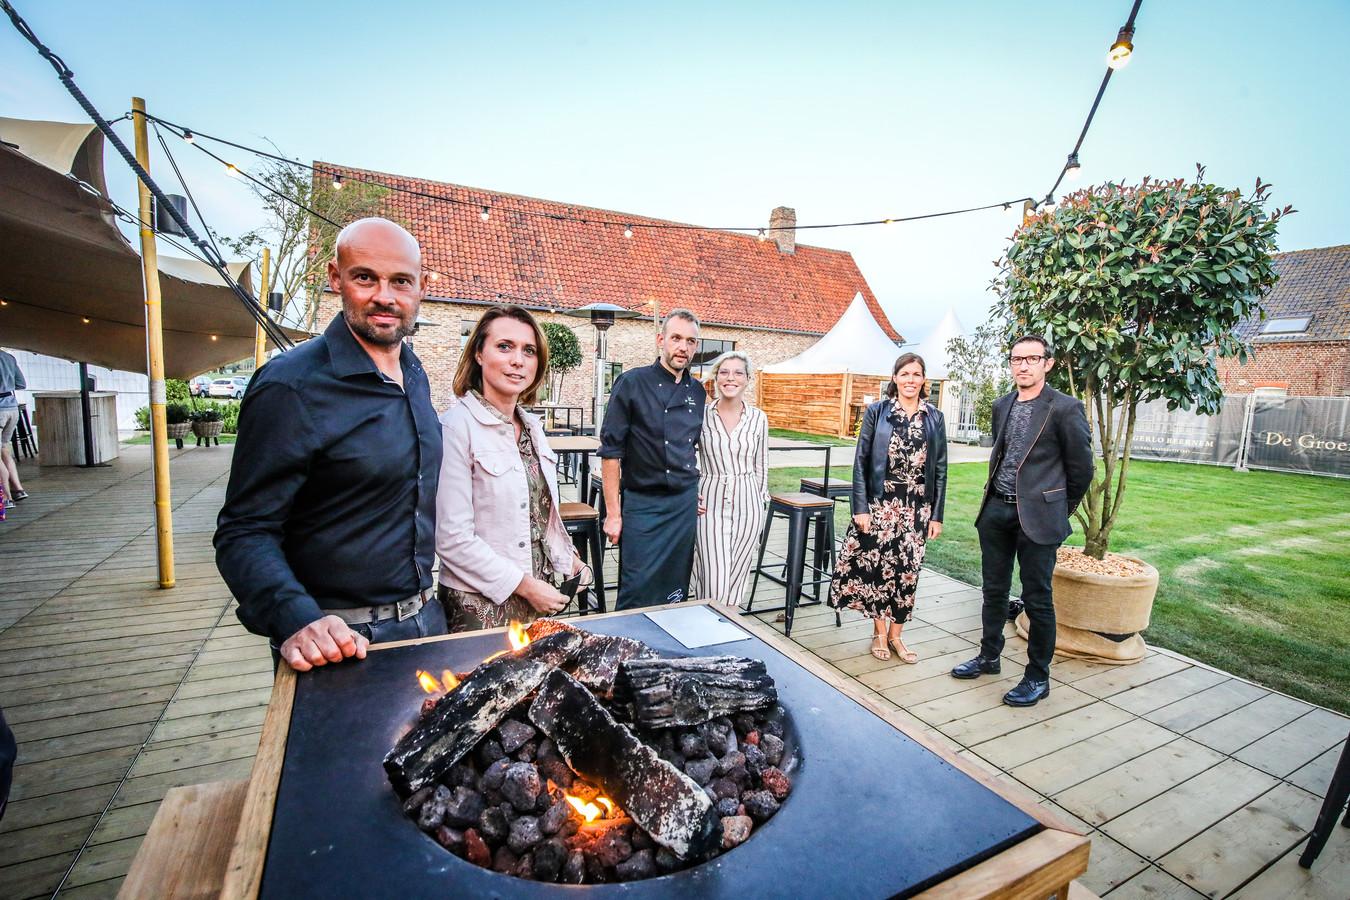 Benny Nieuwland, Sofie Breemersch en Bart Biebauw met de eigenaars van de hoeve.